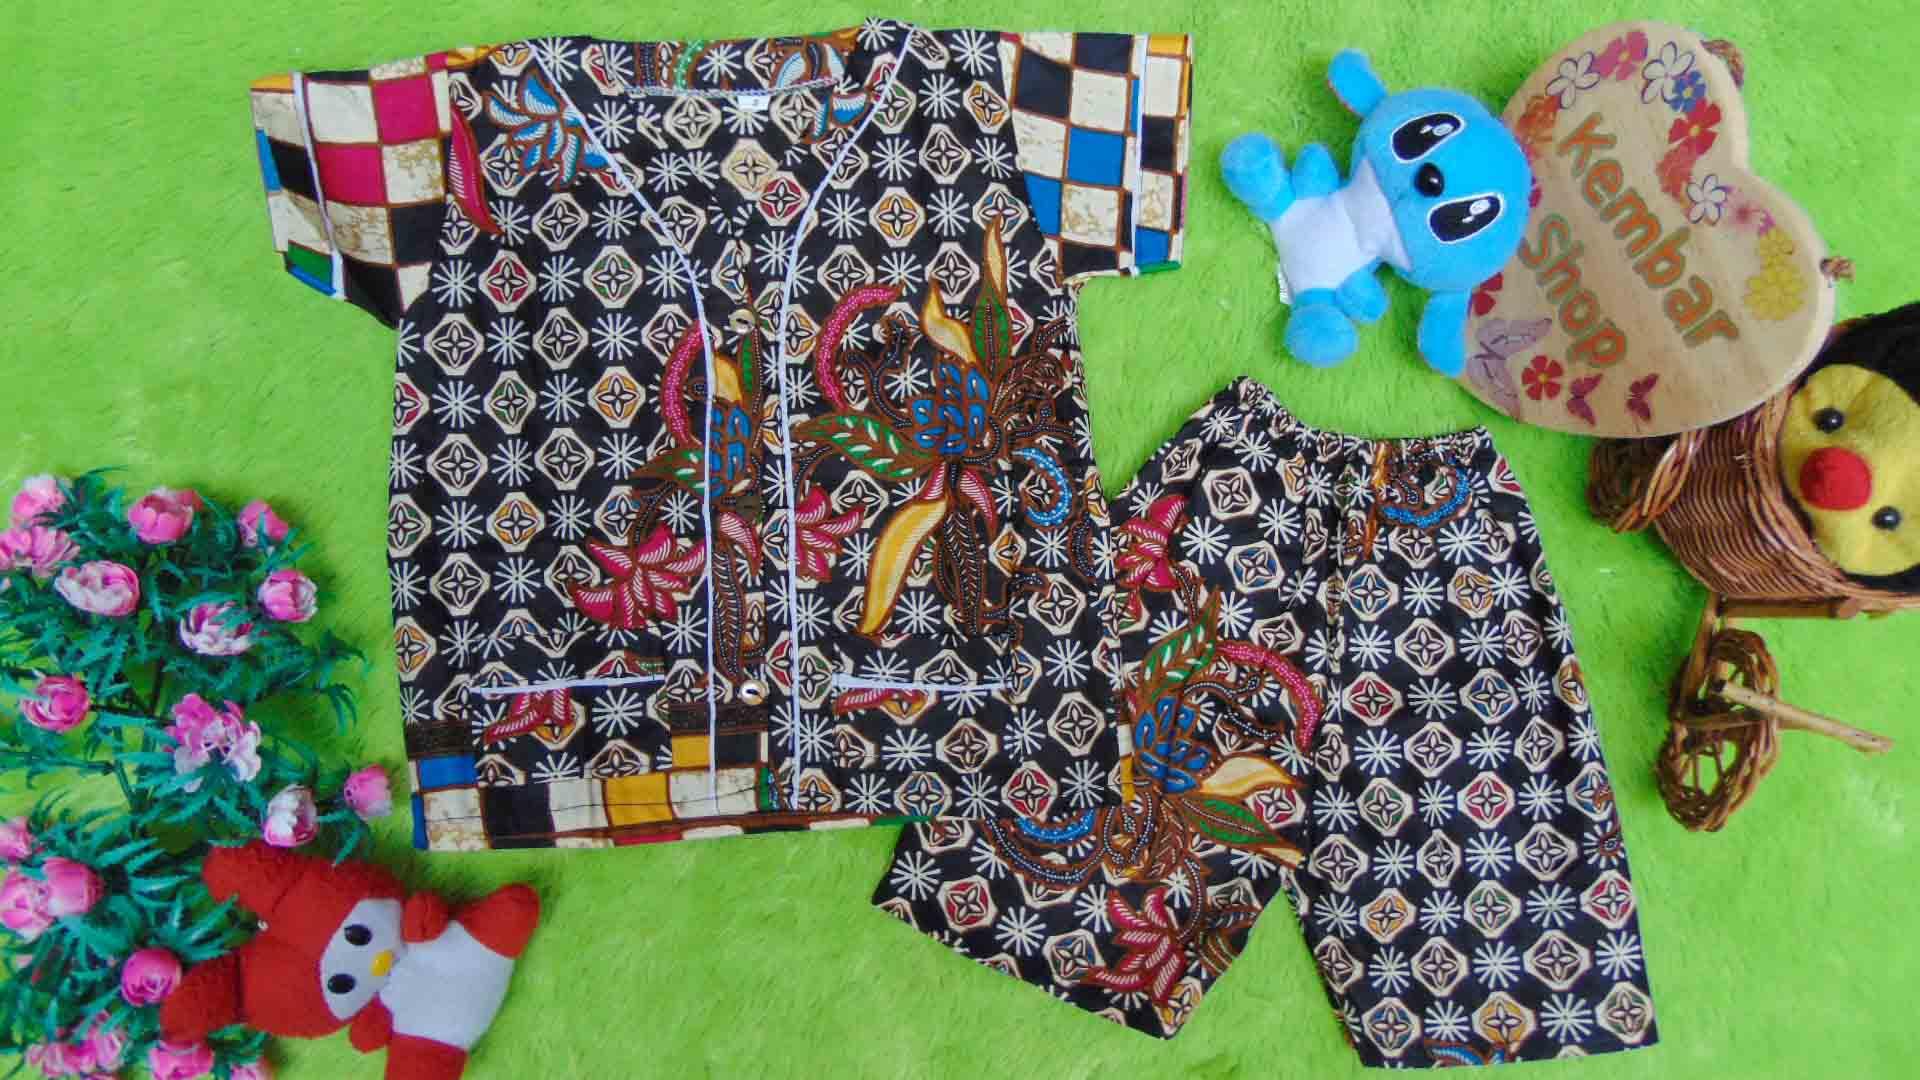 Setelan Baju Tidur Piyama Batik Bayi size S 0-12bln motif Ceplok Kembang RANDOM 2